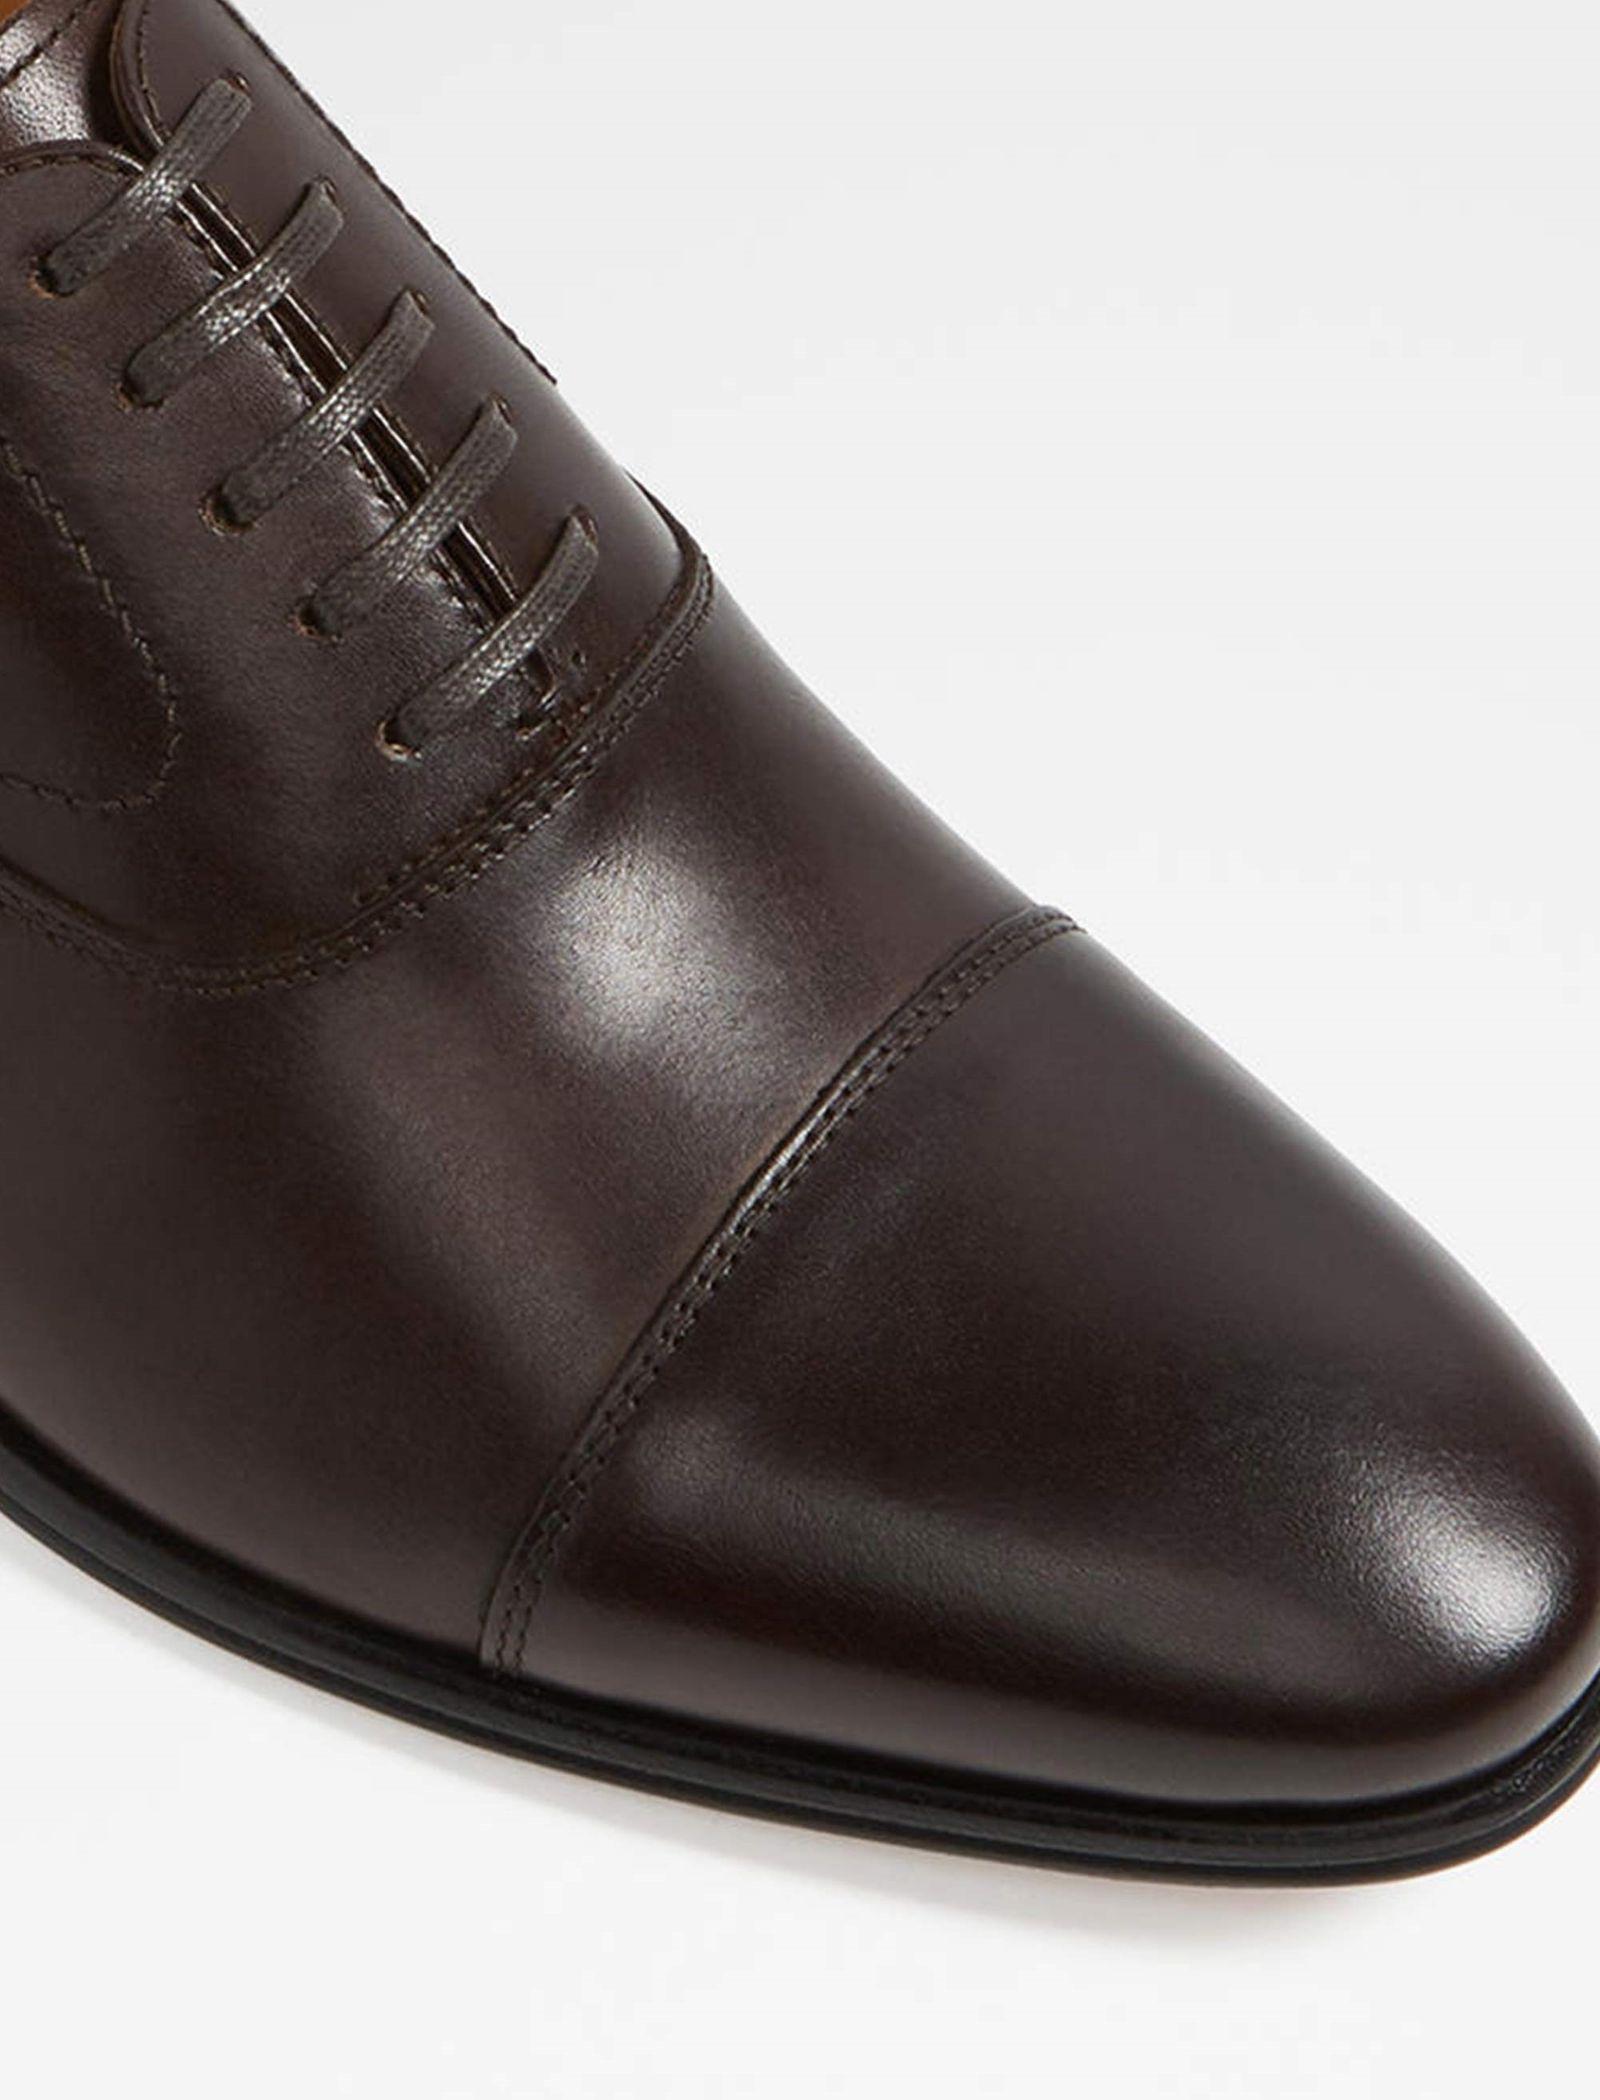 کفش رسمی چرم مردانه - آلدو - قهوه اي تيره - 4